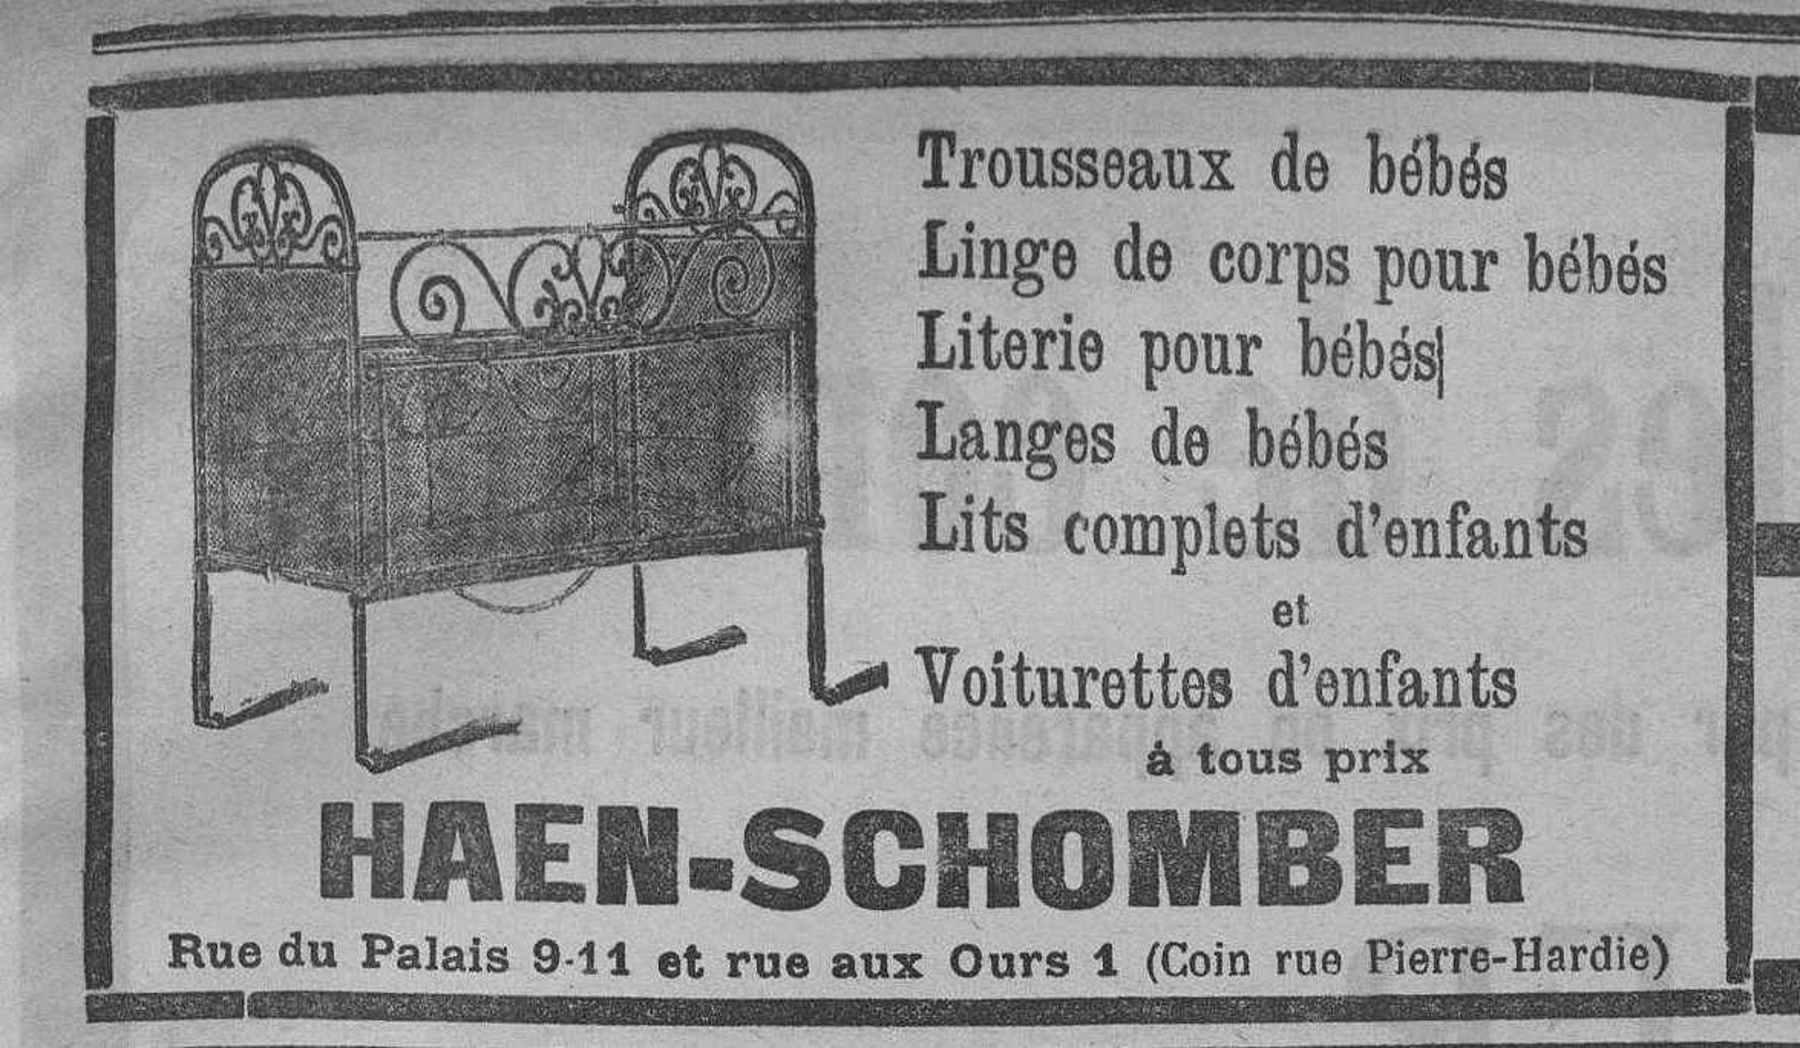 Contenu du Haen-Schomber. Trousseaux, linge, literie, langes, lits et voiturettes pour les bébés